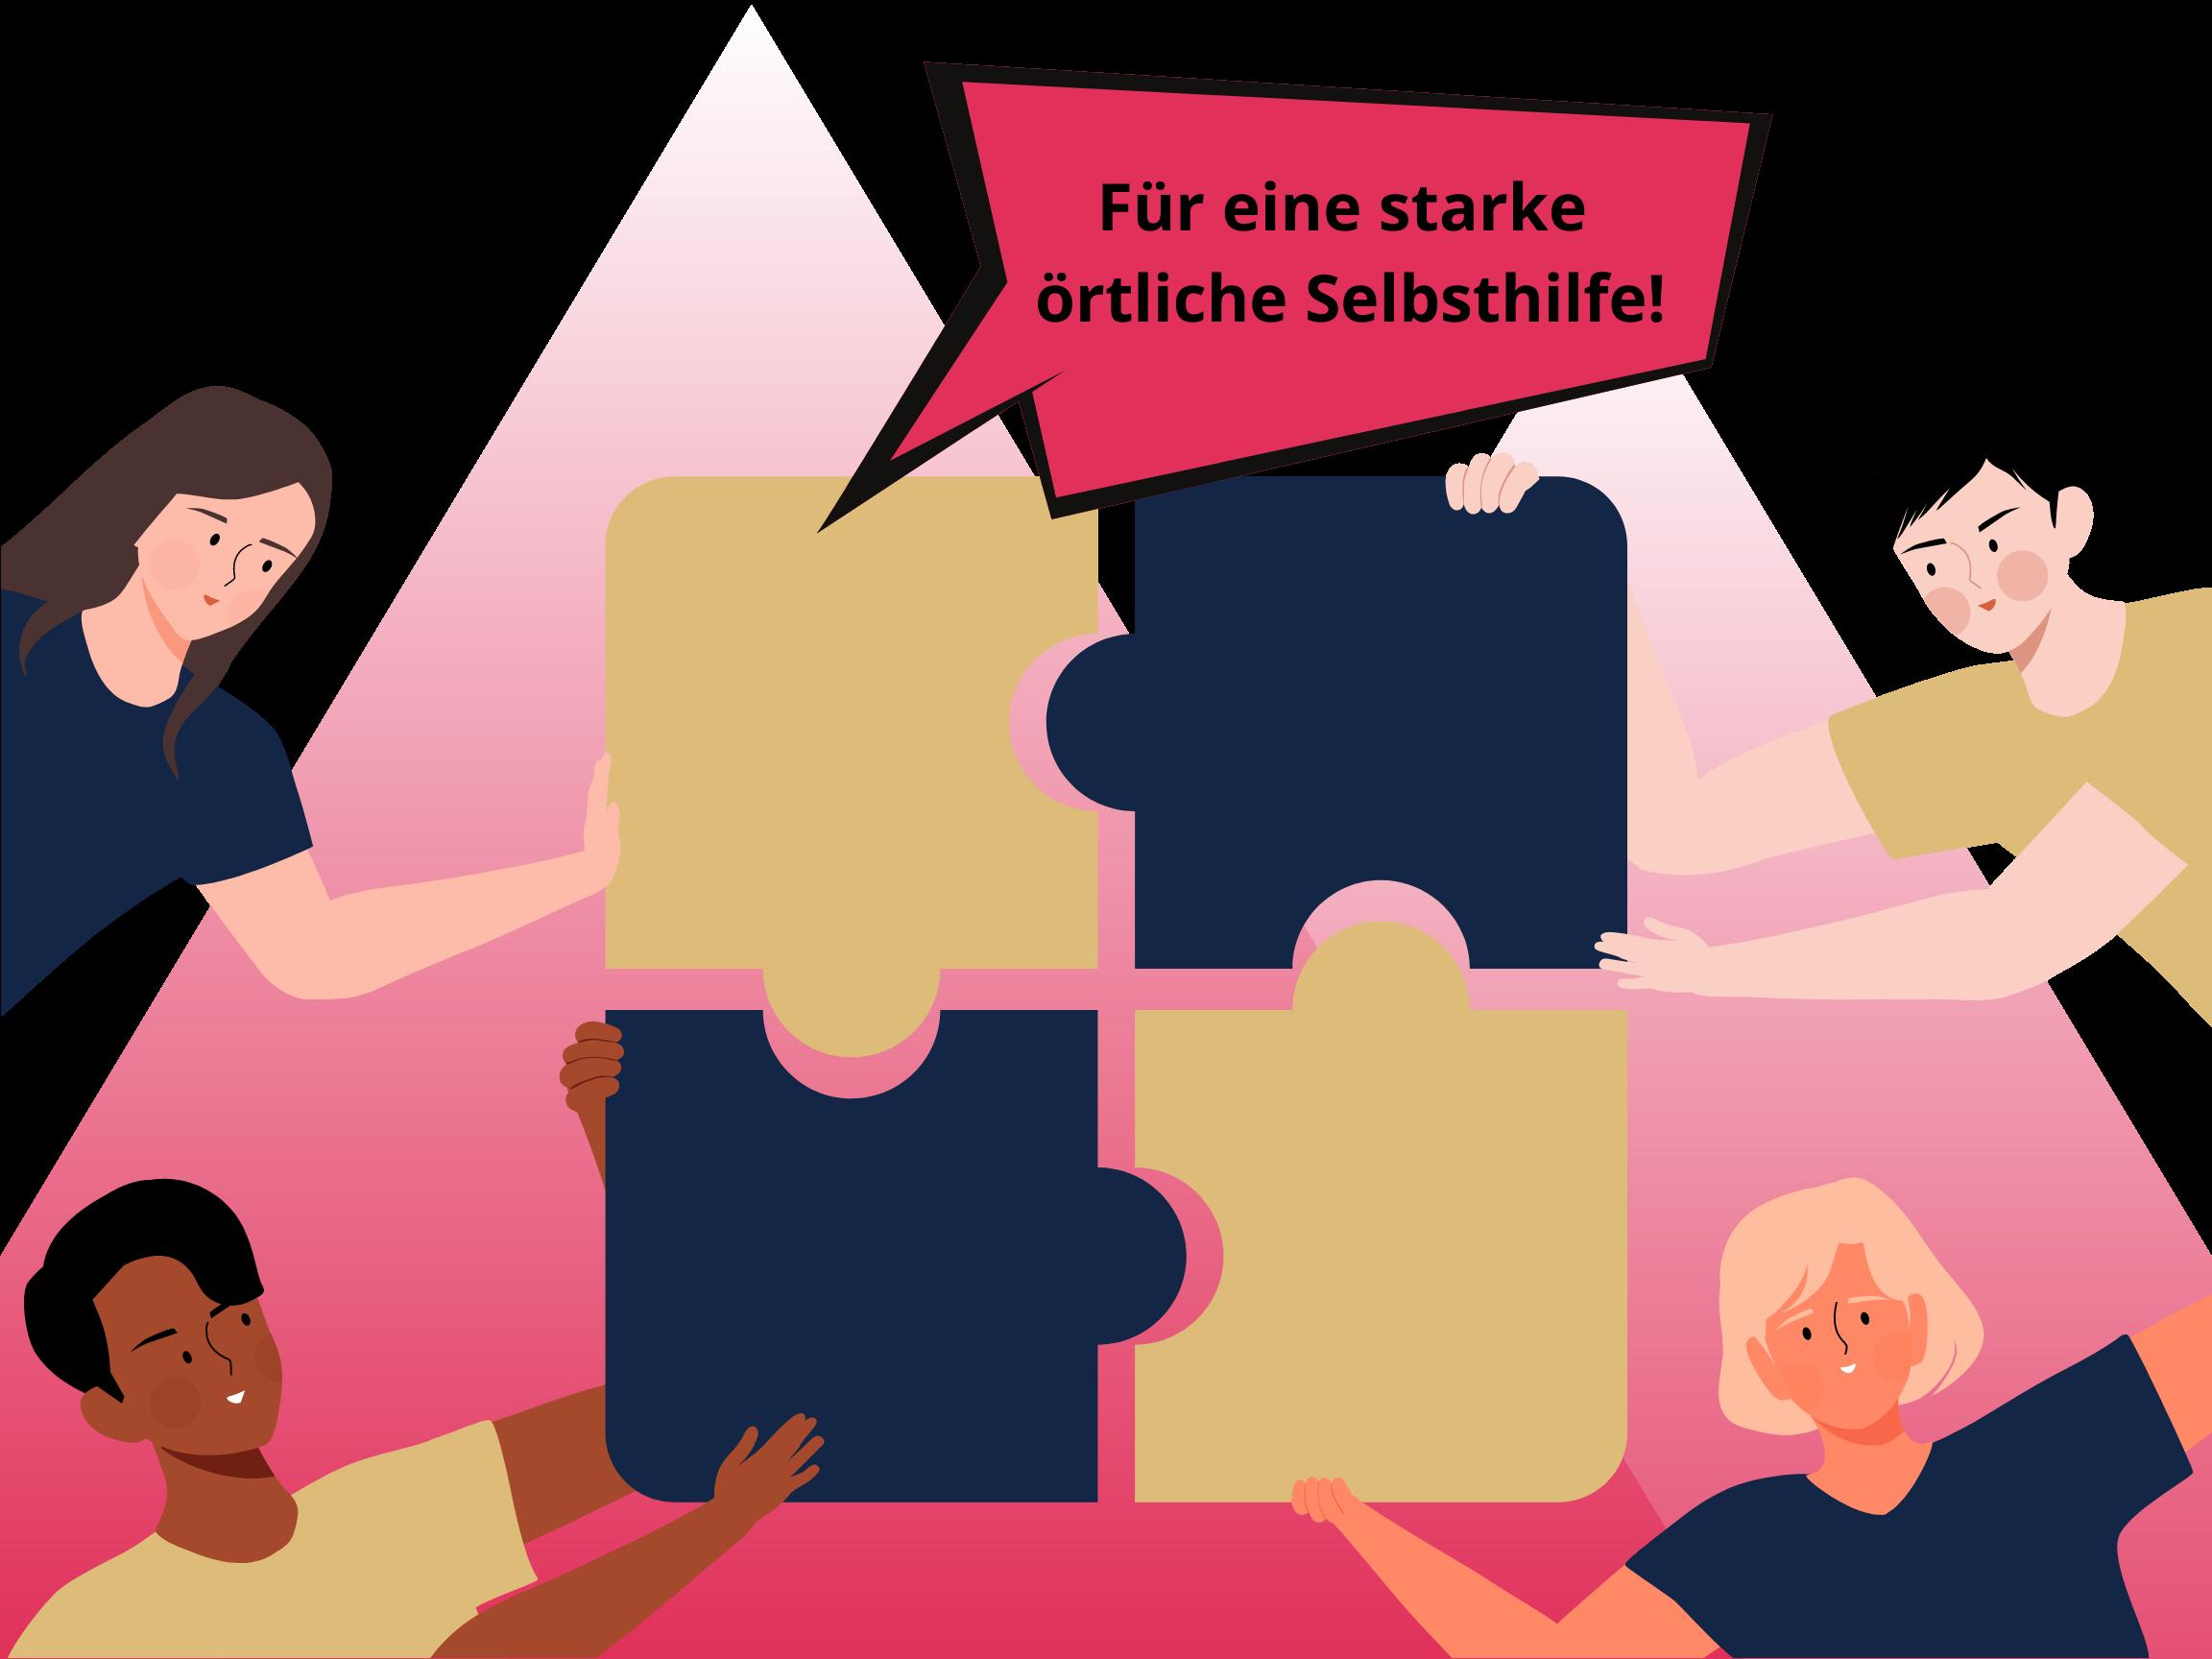 Vier Personen im Comic-Stil halten je ein Puzzle in die Bildmitte. Zusammen ergeben die Puzzleteile ein Ganzes. Aus den Puzzleteilen geht eine Sprechblase hervor, auf der steht: Für eine starke öffentliche Selbsthilfe.